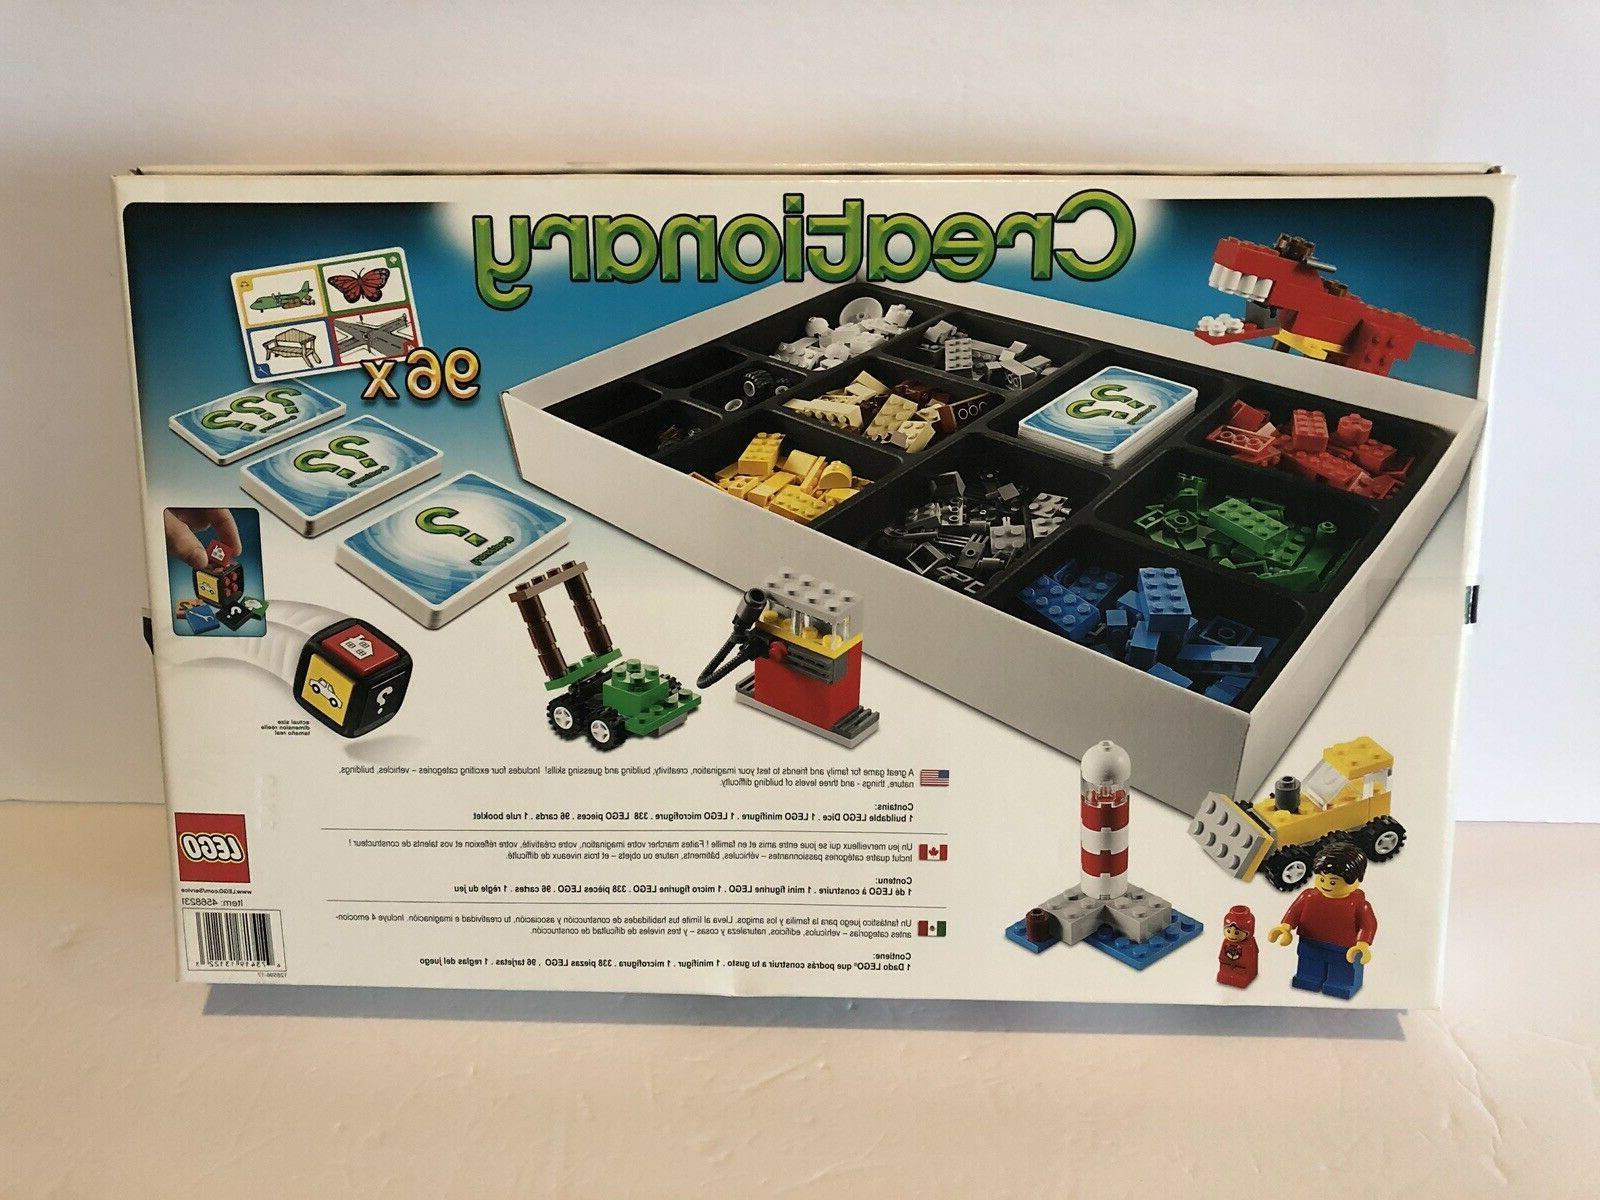 LEGO Board 3844 Sealed